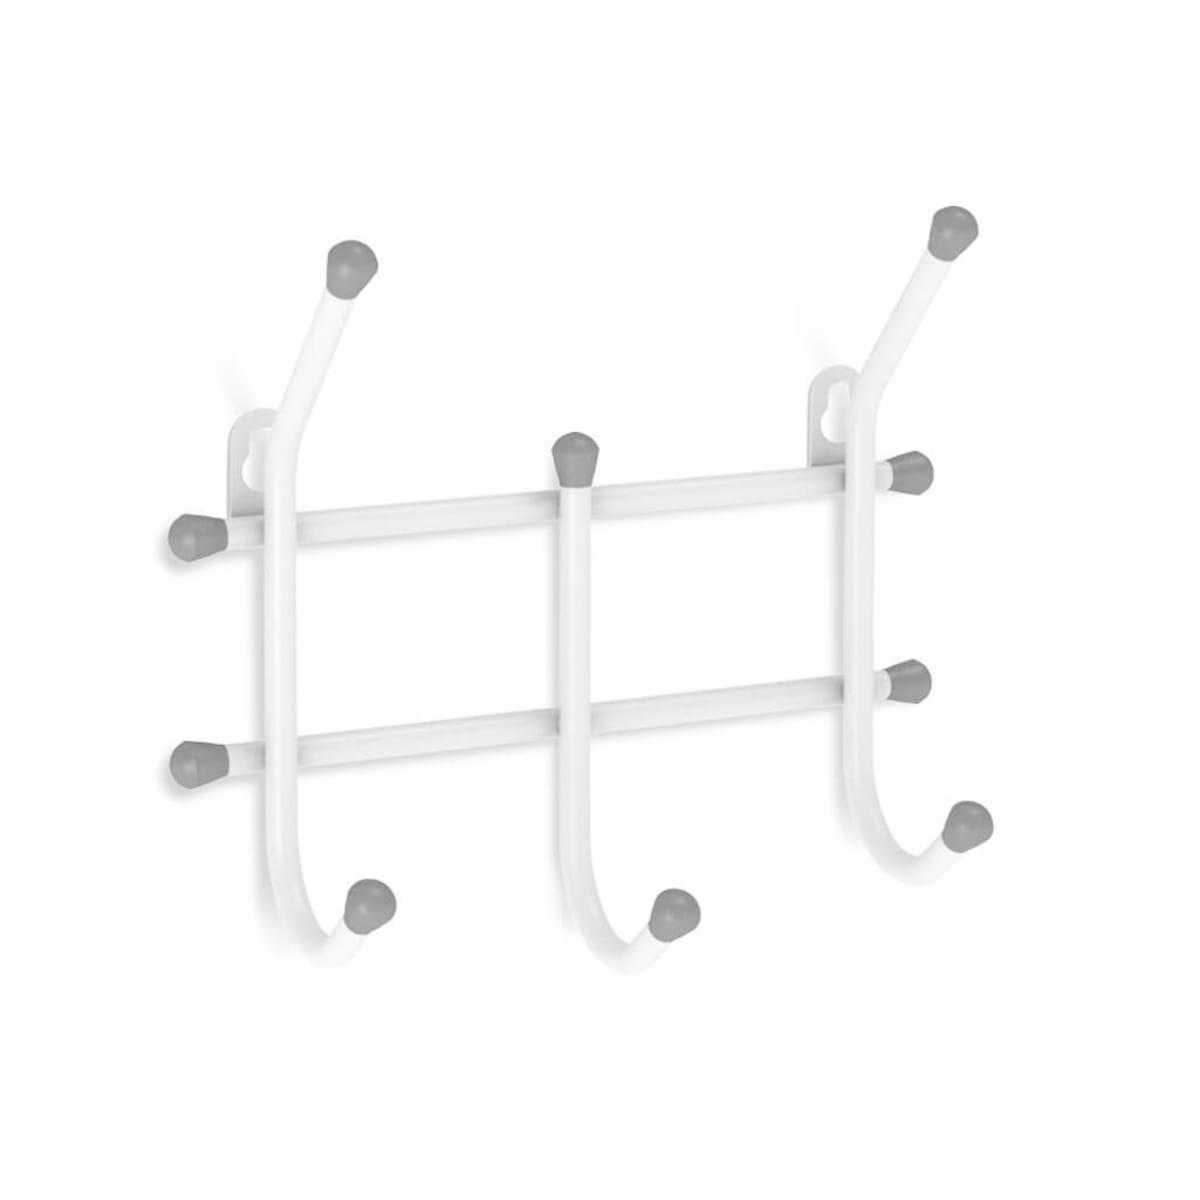 Вешалка настенная Стандарт 3 крючка, 11х28х32 см, цвет белый